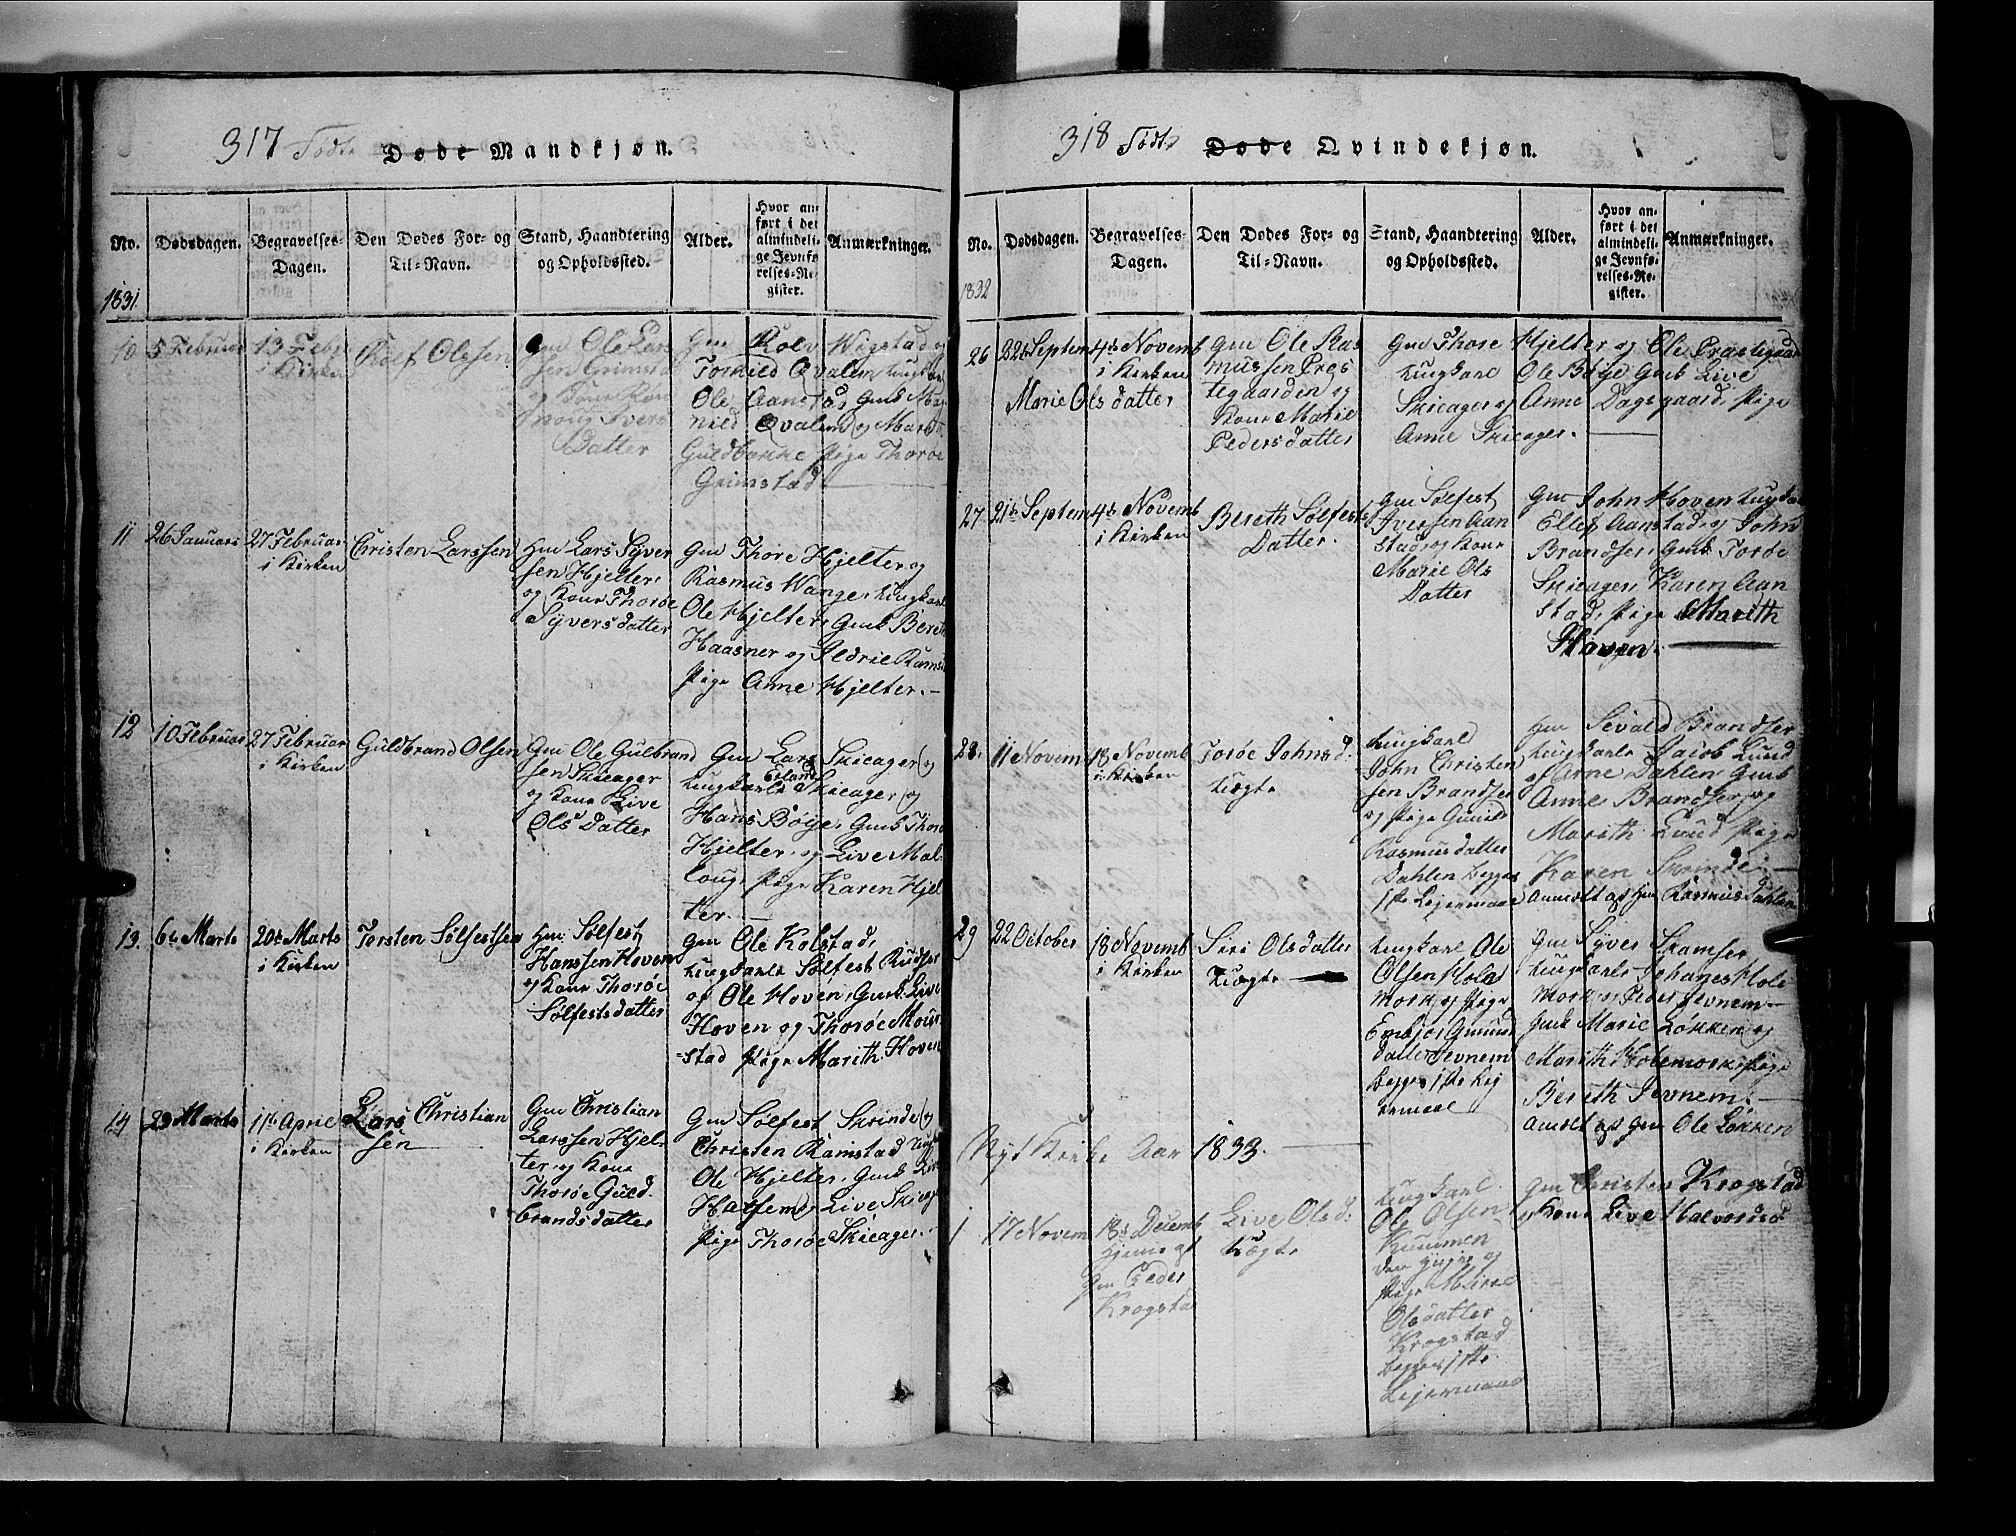 SAH, Lom prestekontor, L/L0003: Klokkerbok nr. 3, 1815-1844, s. 317-318